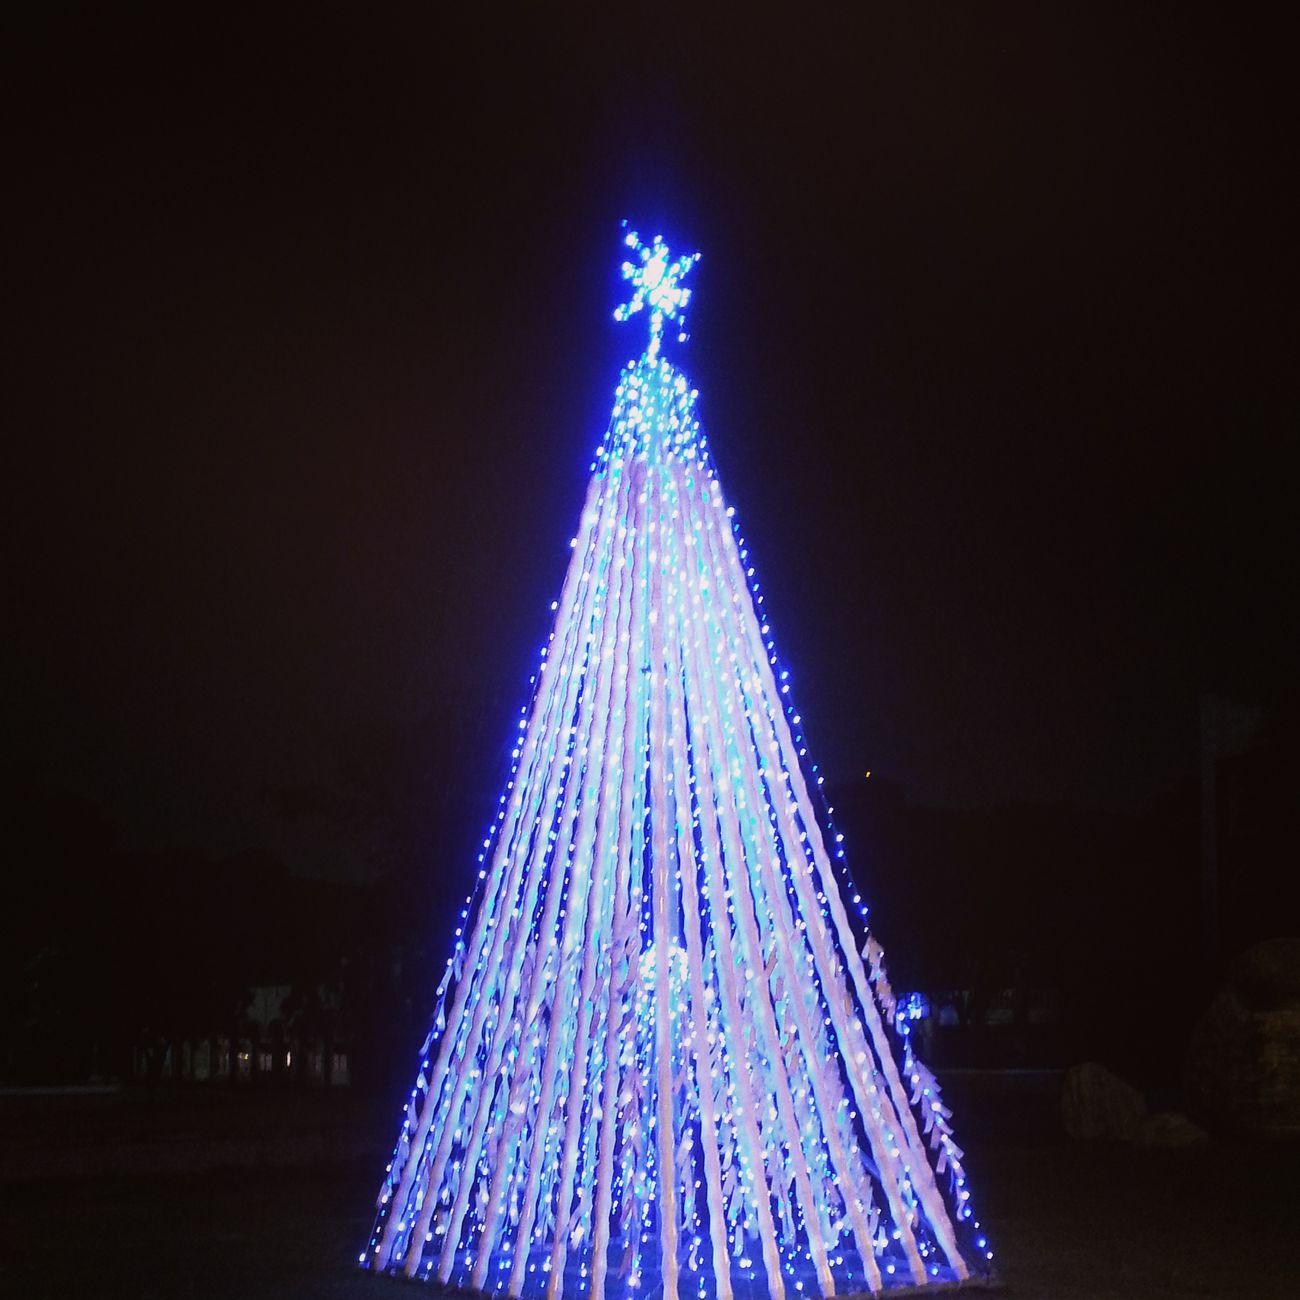 Christmas God 感謝耶穌的誕生,感謝祢,謝謝祢愛我們,美好的一個夜晚,每年的節日最愛聖誕節了,感謝主